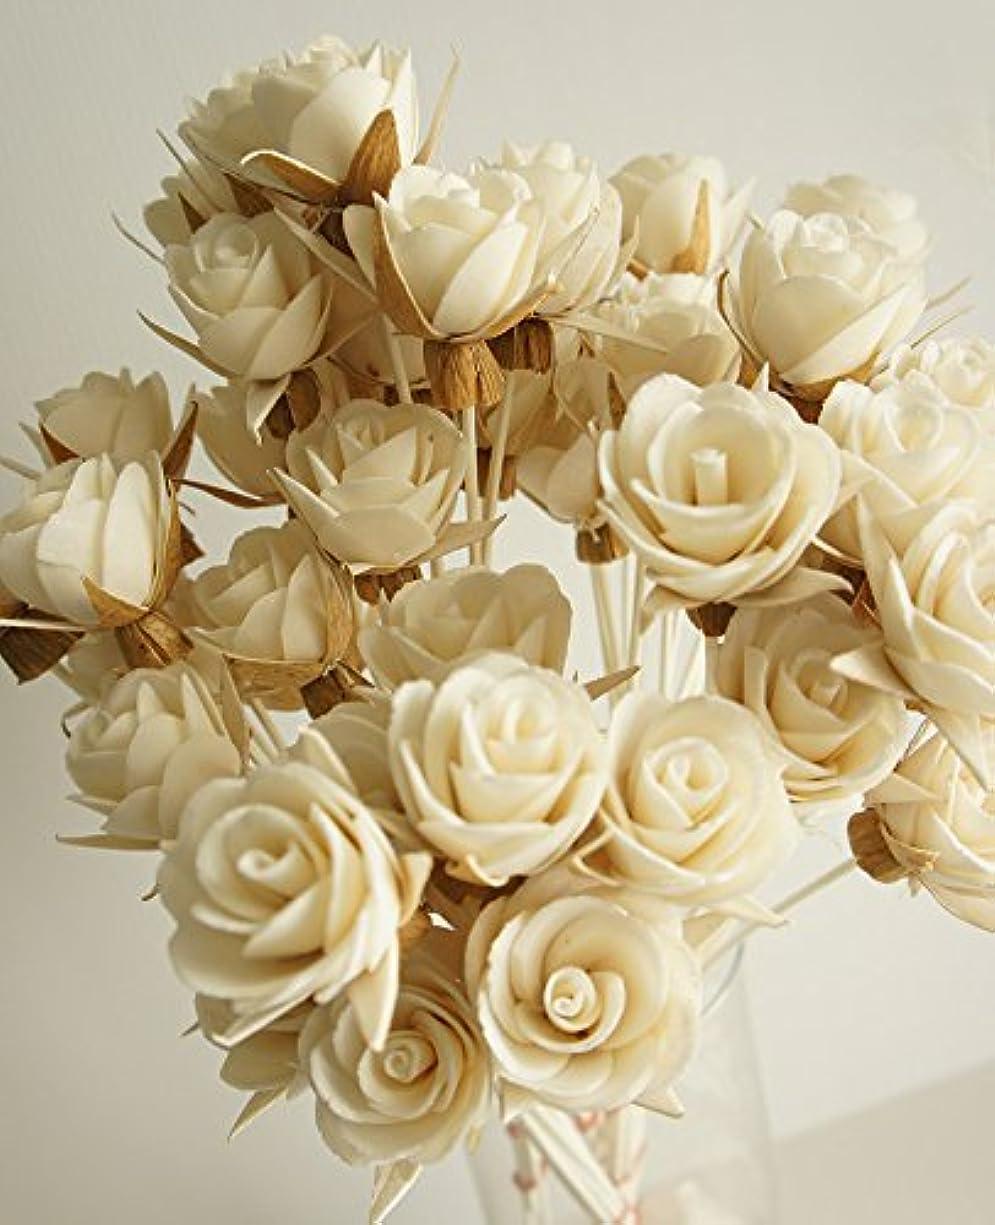 コンサルタント晩ごはんハックエキゾチックエレガンスのセット50ローズデザインSola Flowerスティックfor Aroma Diffuser直径1.5。」